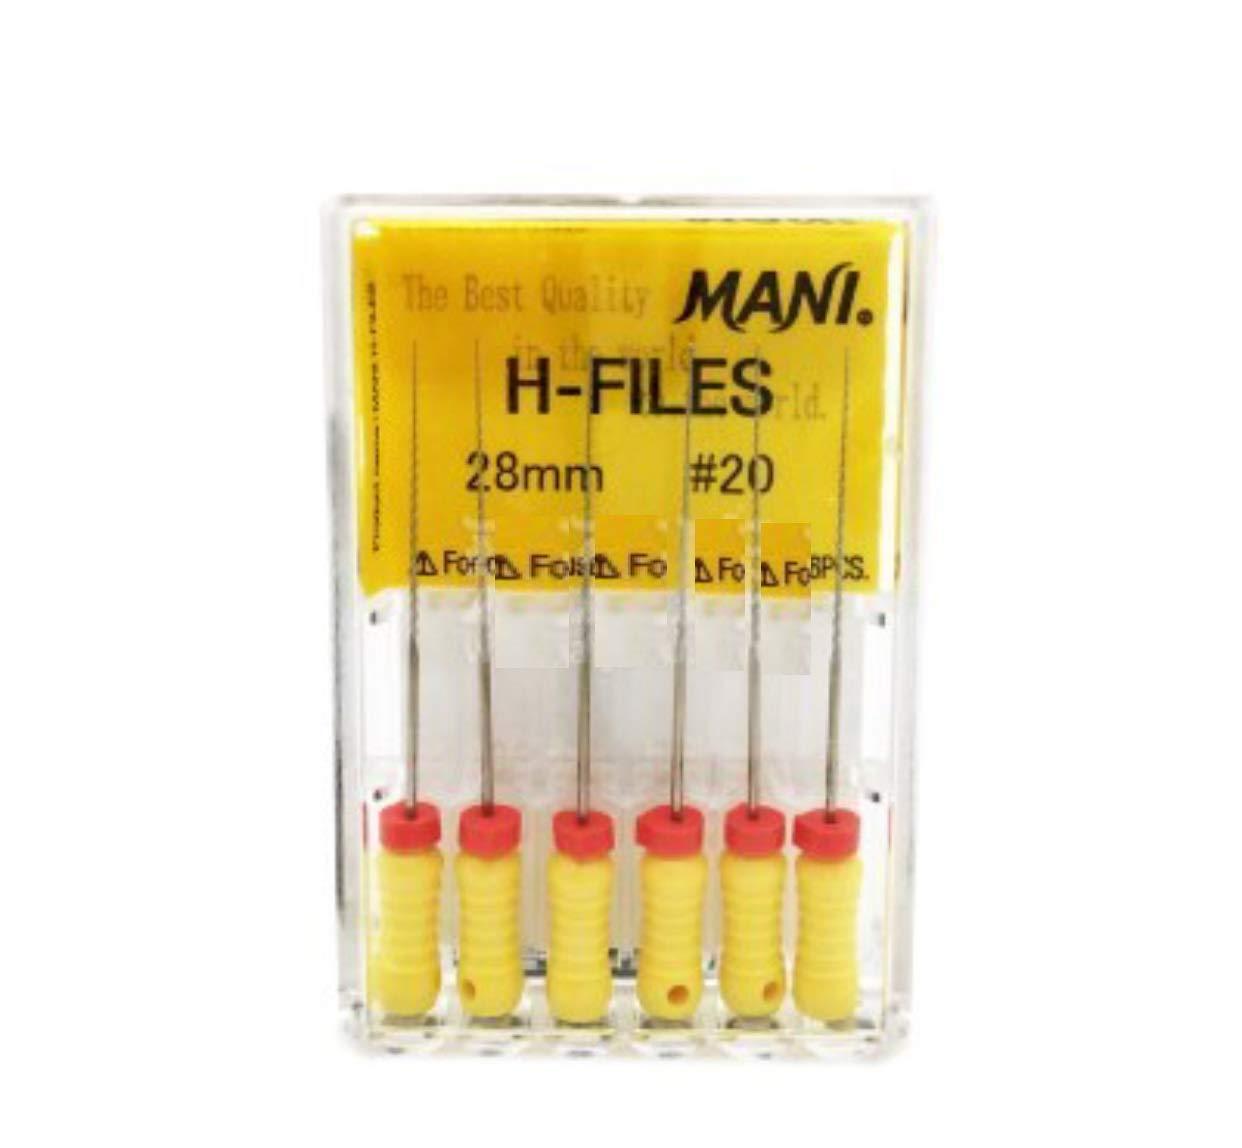 MANI Dental H FILES 20# 28mm